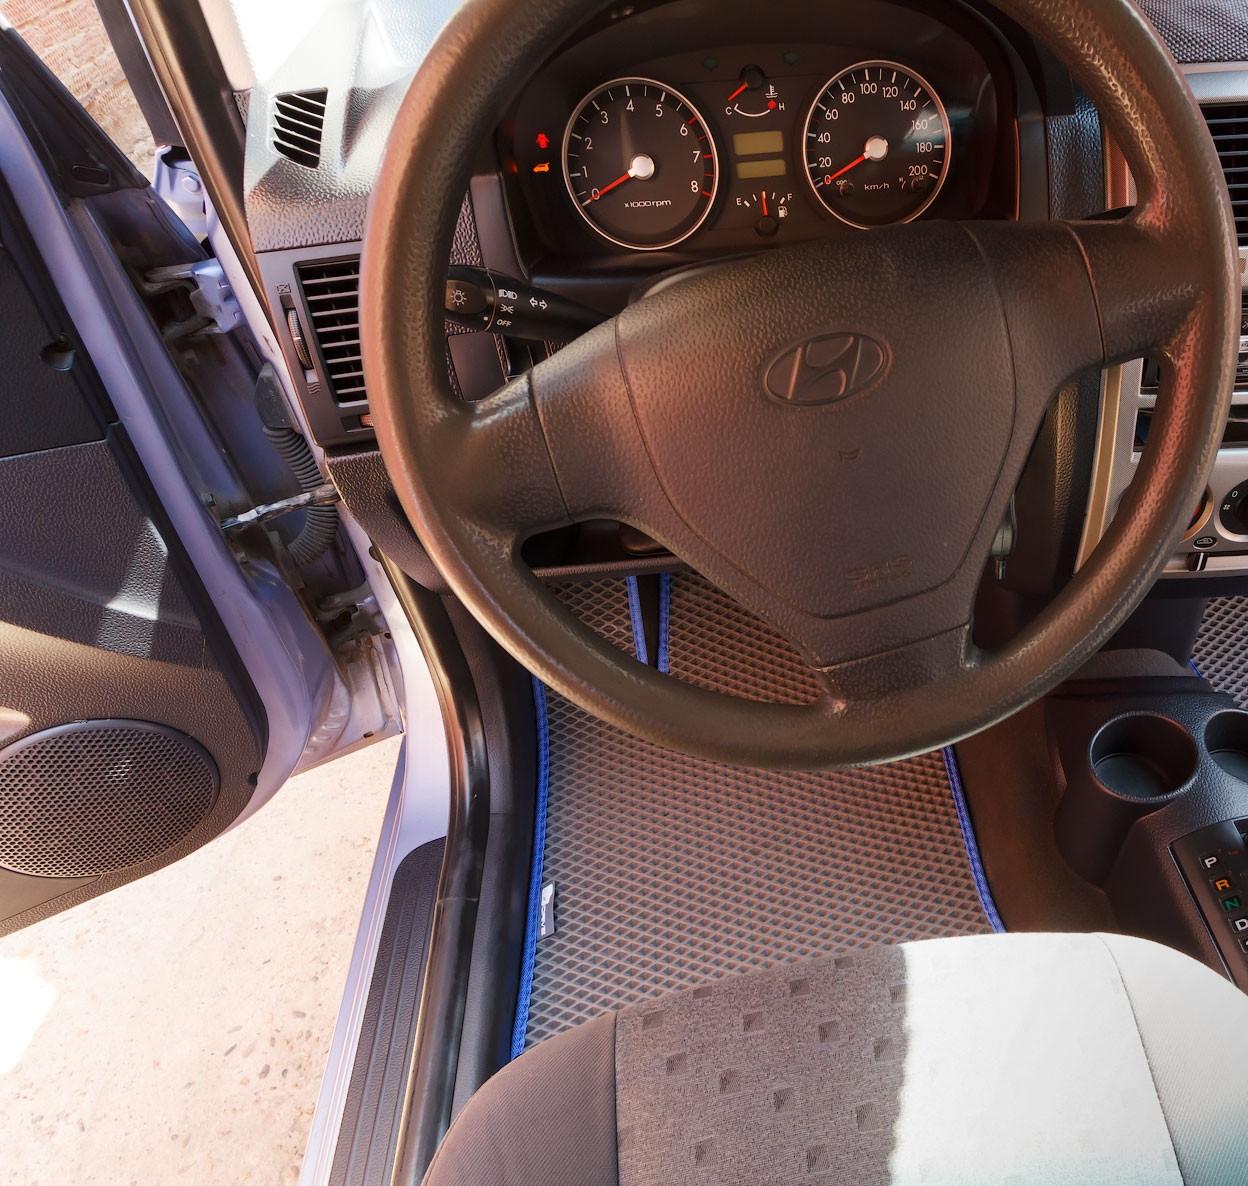 Автоковрики для Hyundai Getz (5 дверей) (2002-2011) eva коврики от ТМ EvaKovrik